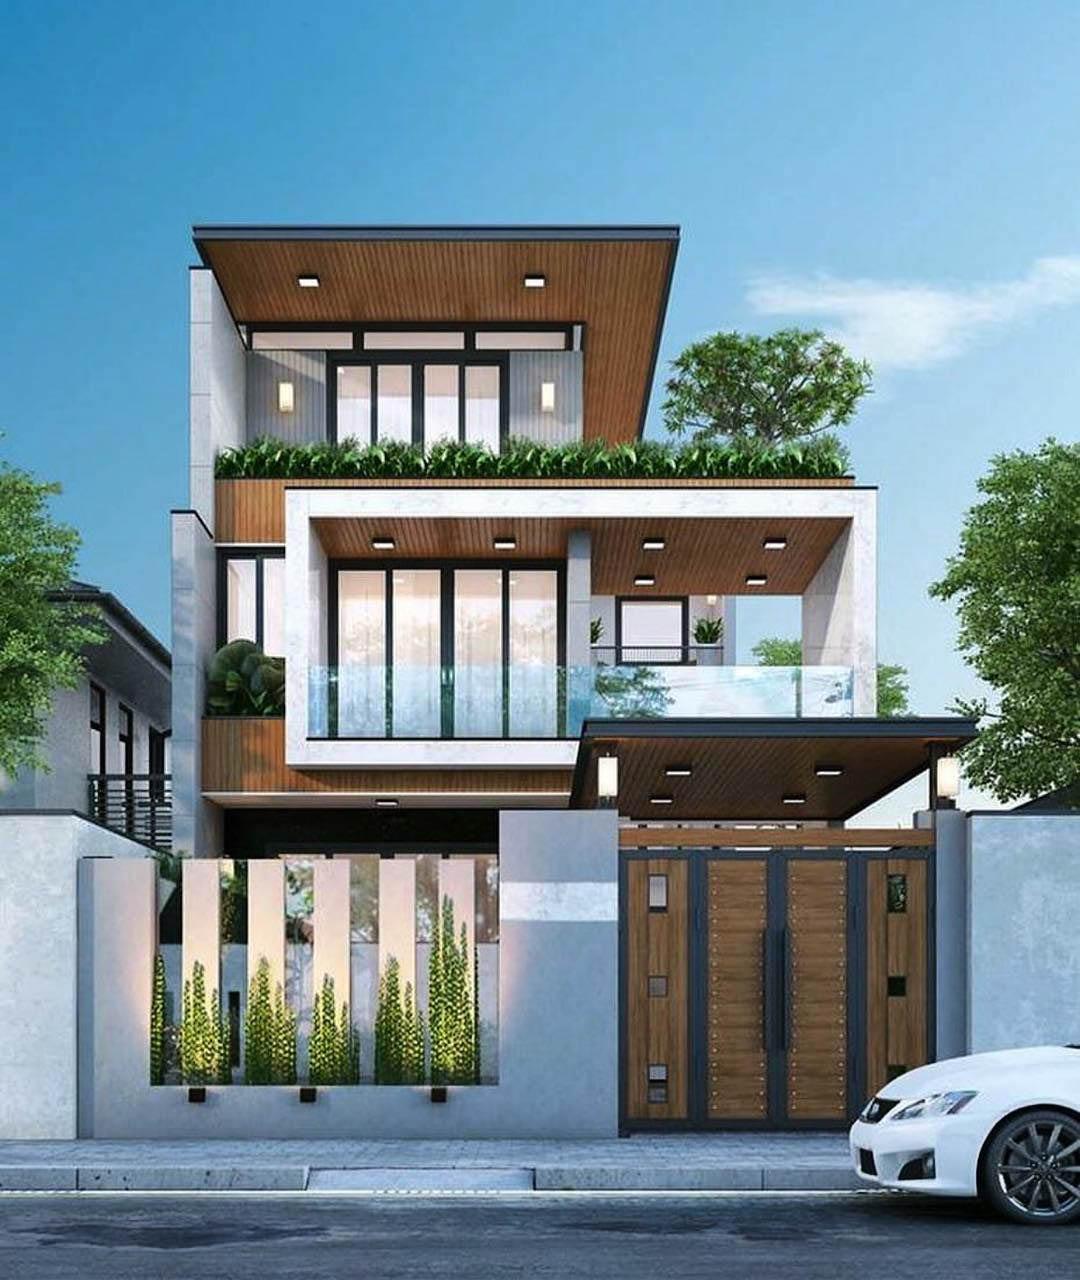 Mẫu nhà phố 3 tầng kết hợp vật liệu gỗ tạo điểm nhấn